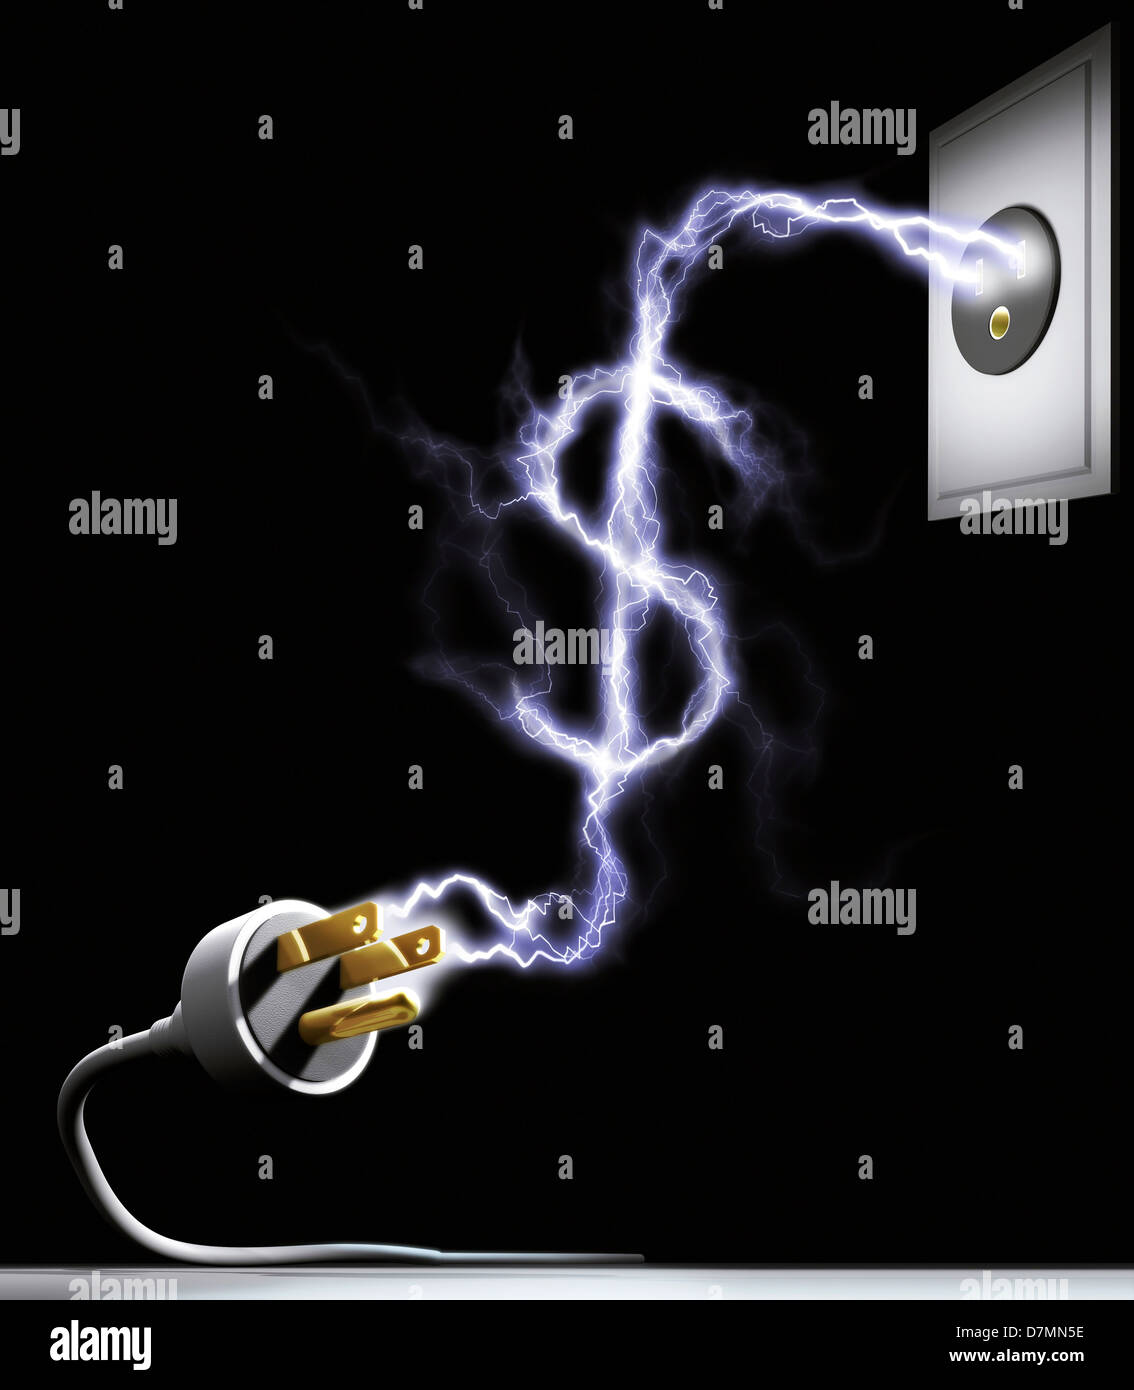 El coste de la electricidad, obra conceptual Imagen De Stock